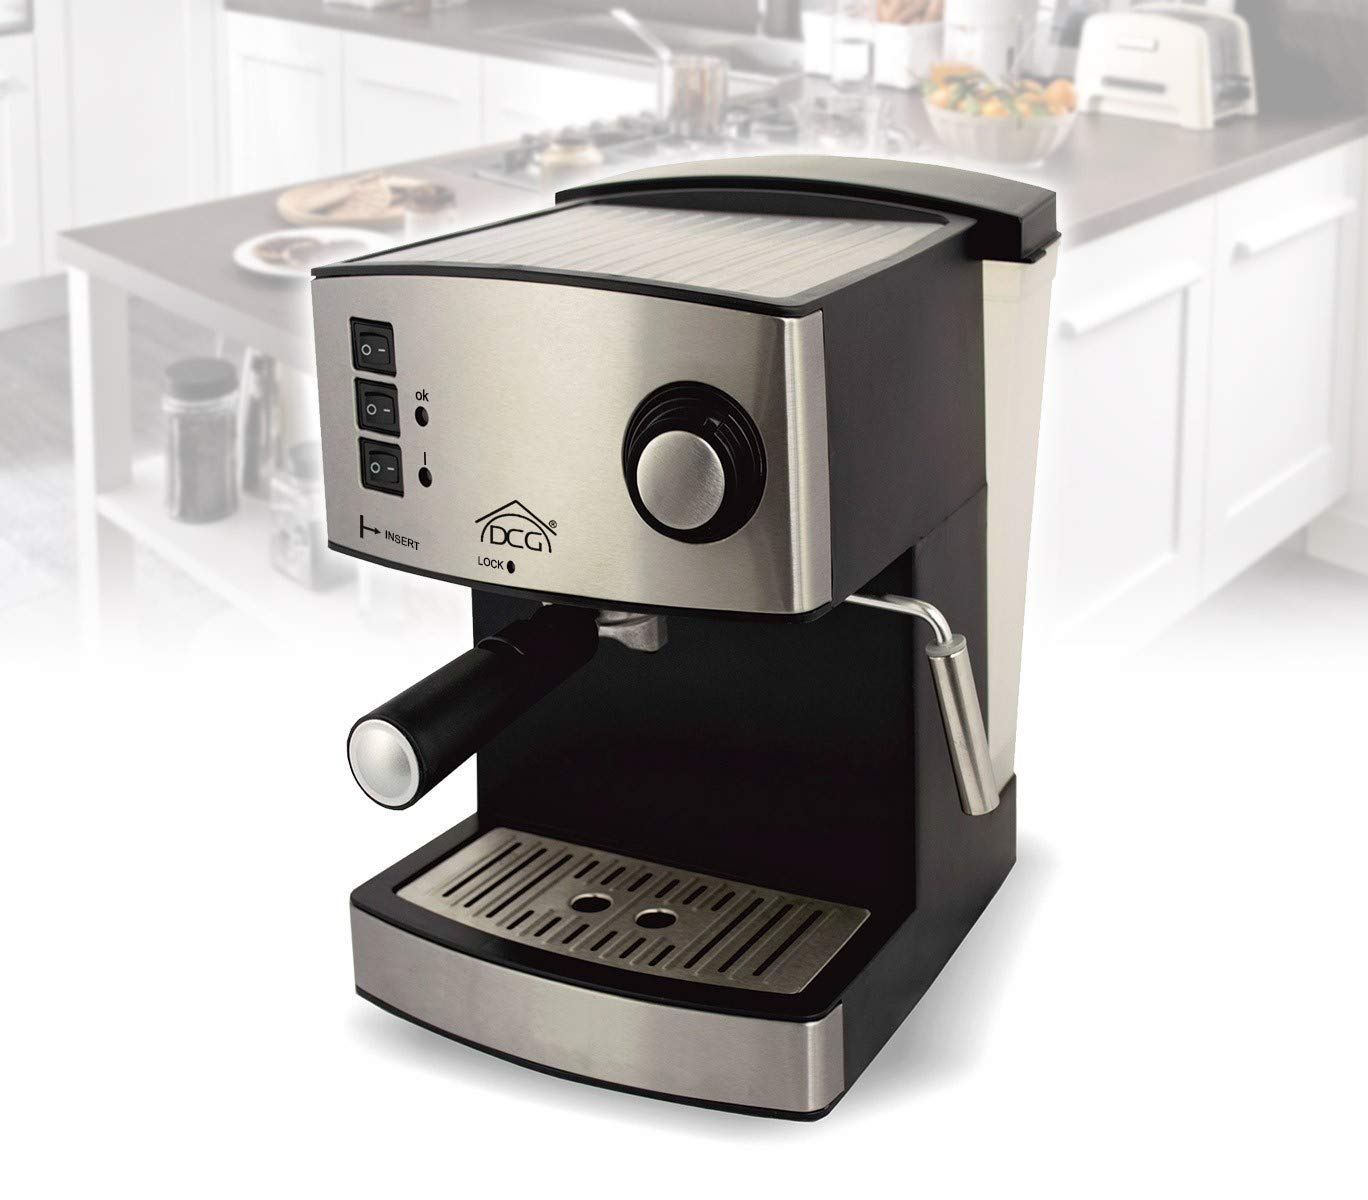 Dcg Es6514 Cafetera Espresso Y Capuchino Con Caldera De Aleación ...